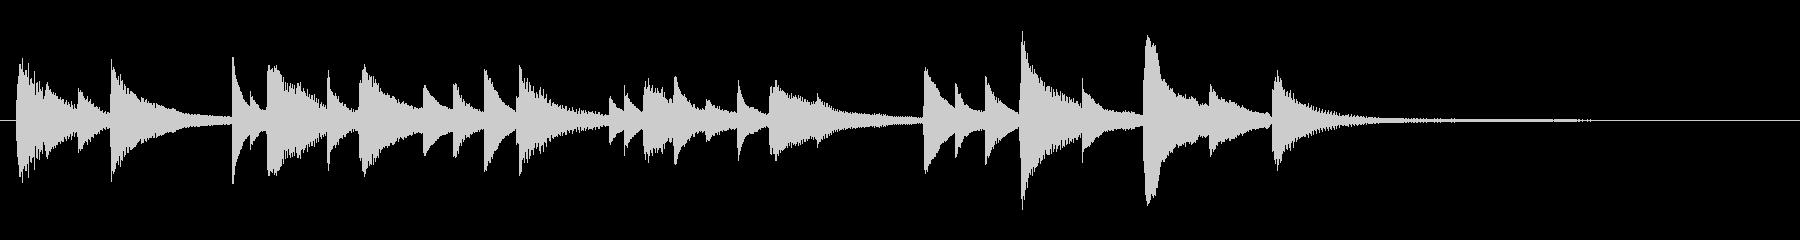 ジングル - バイバイ。の未再生の波形